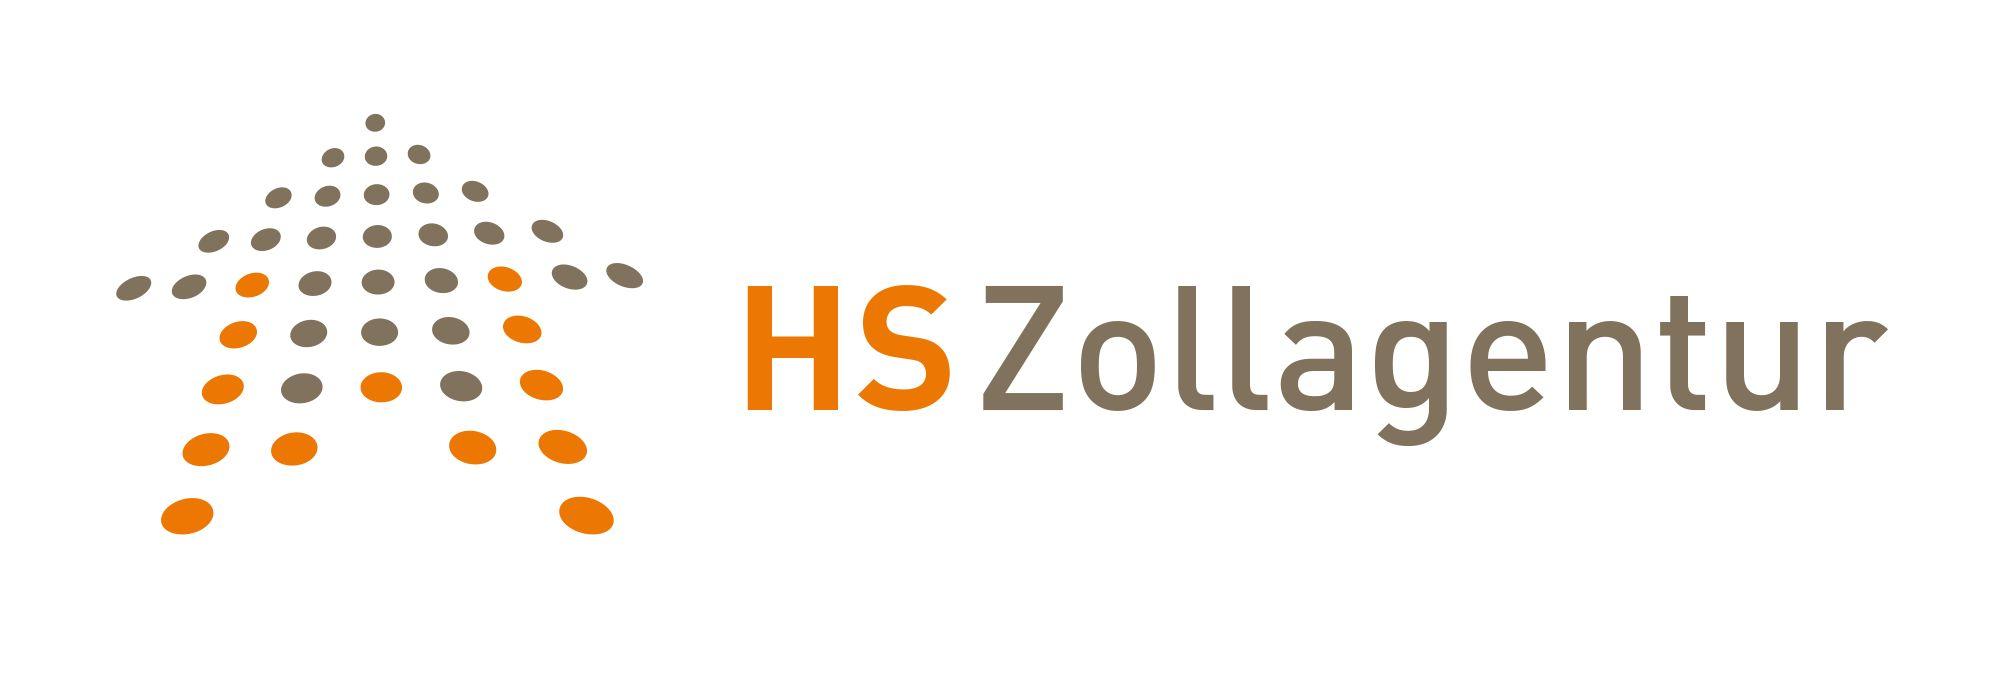 HS Zollagentur Inh. Hasan Shehaj